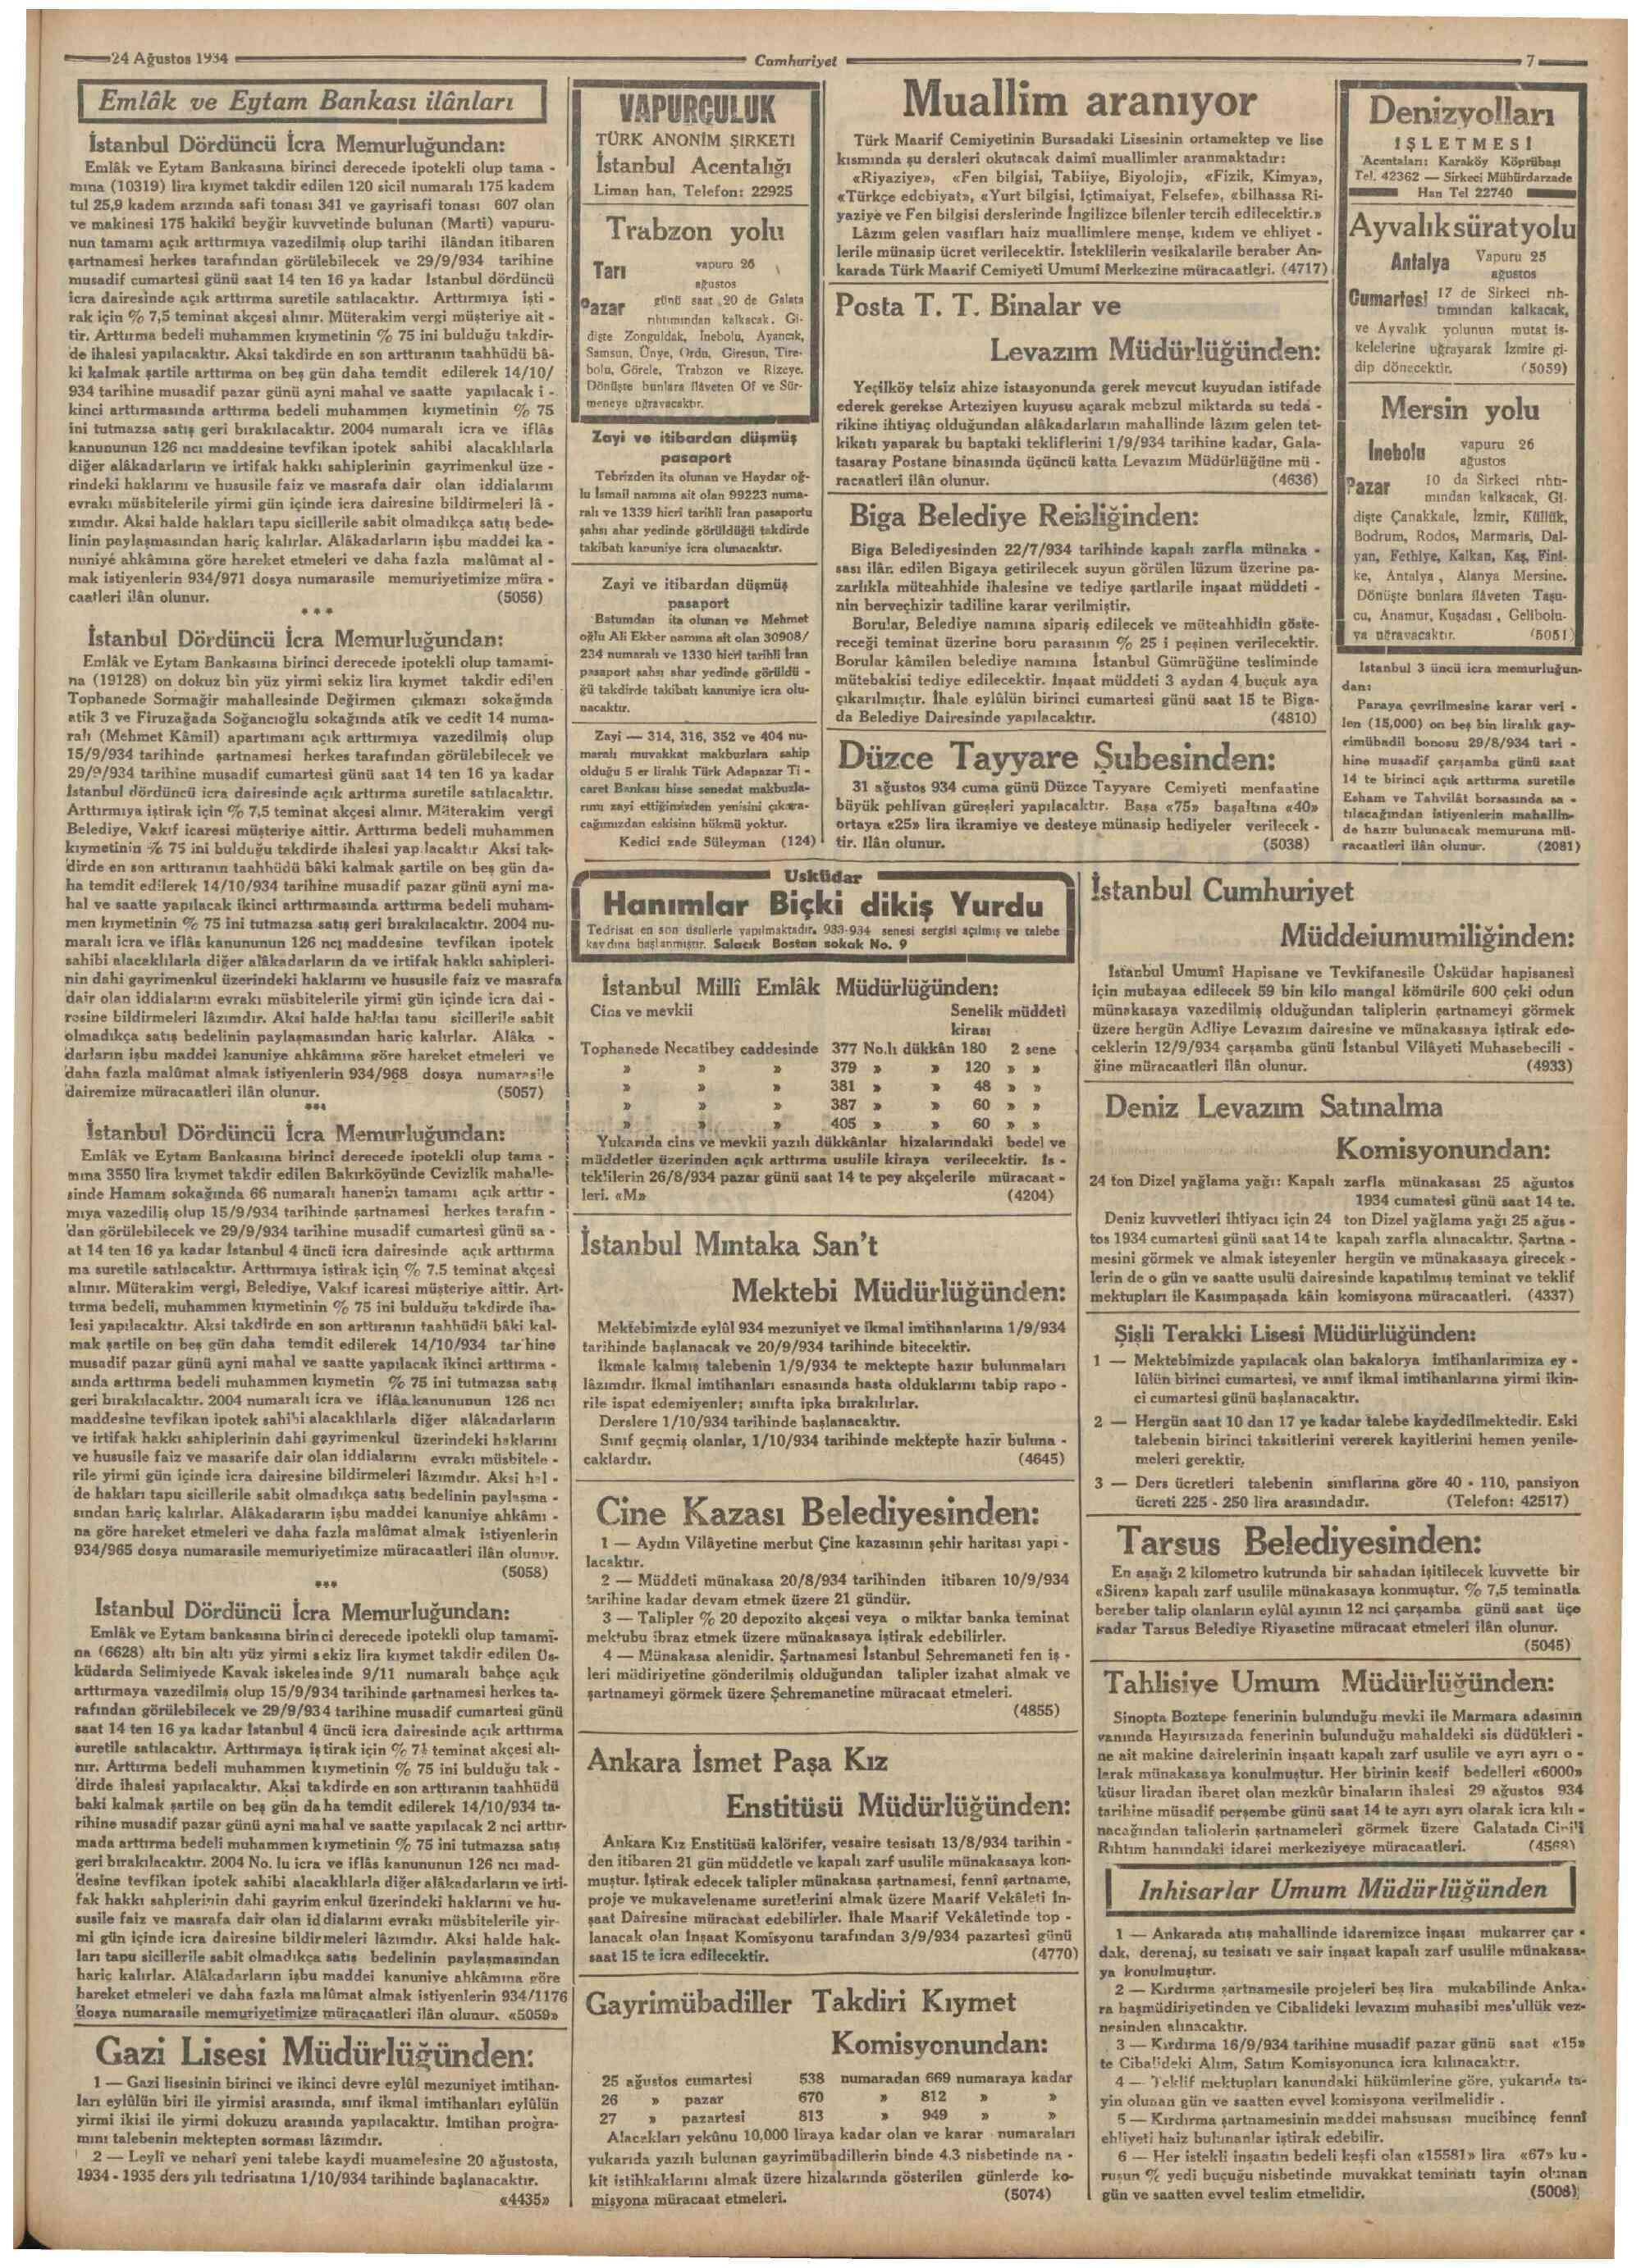 24 Ağustos 1934 Tarihli Cumhuriyet Dergisi Sayfa 7